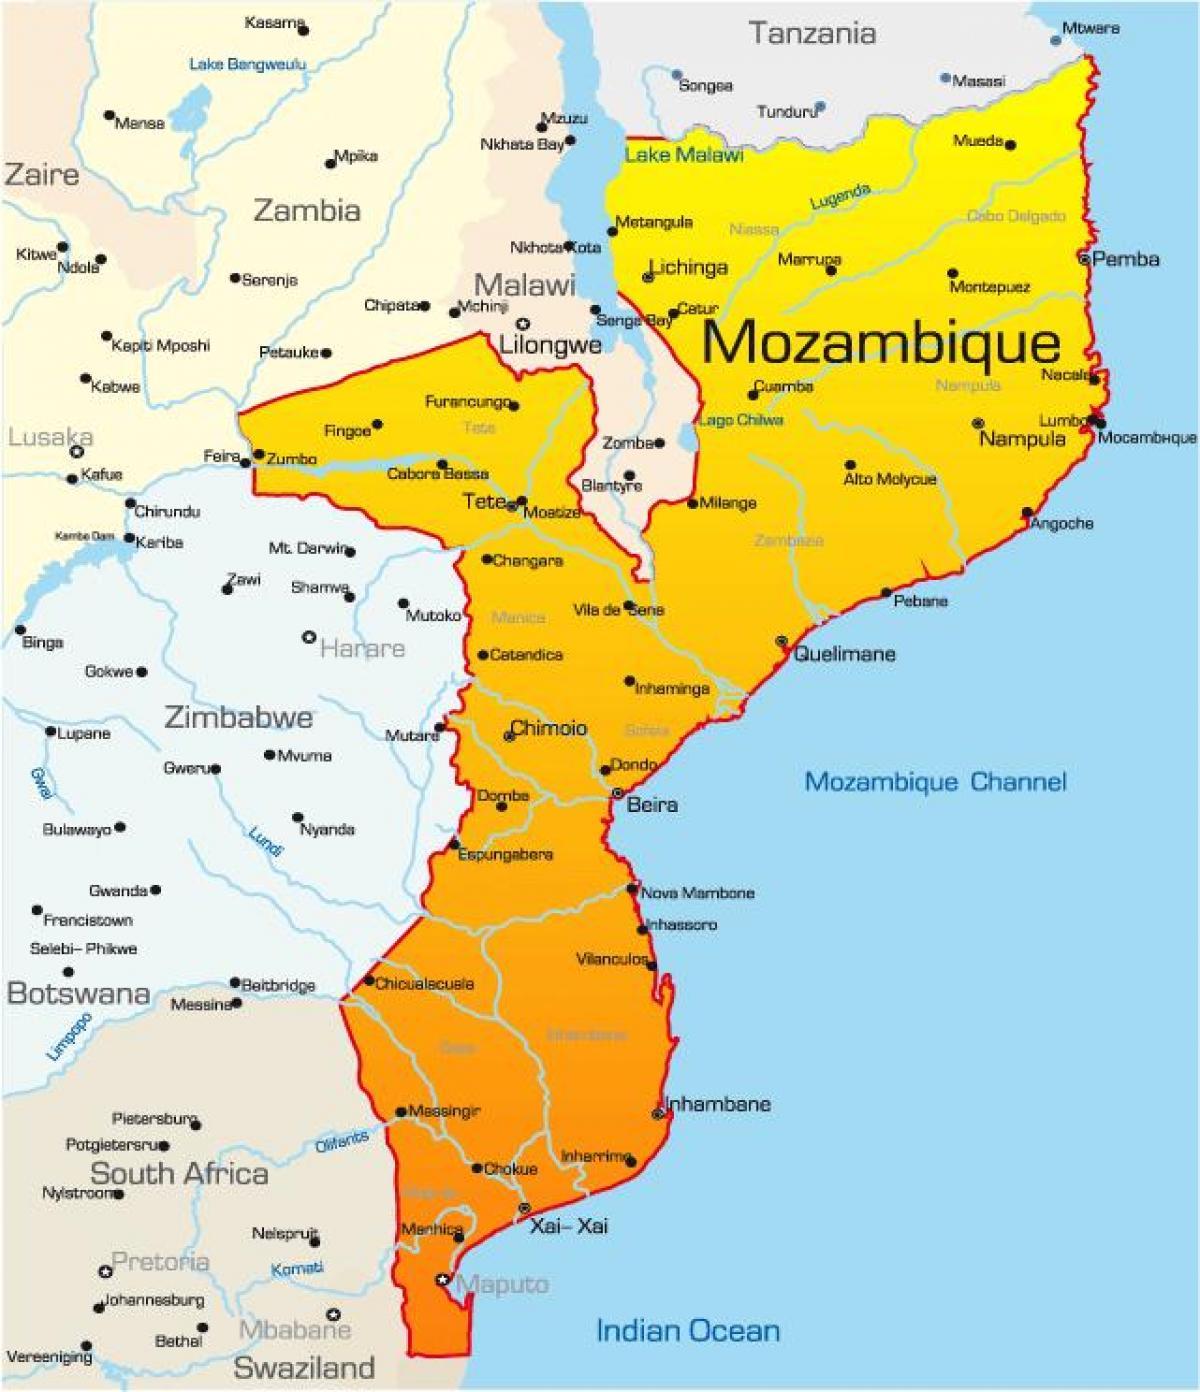 Karta Och Avstand.Mocambique Karta Med Avstand Karta Over Mocambique Karta Med